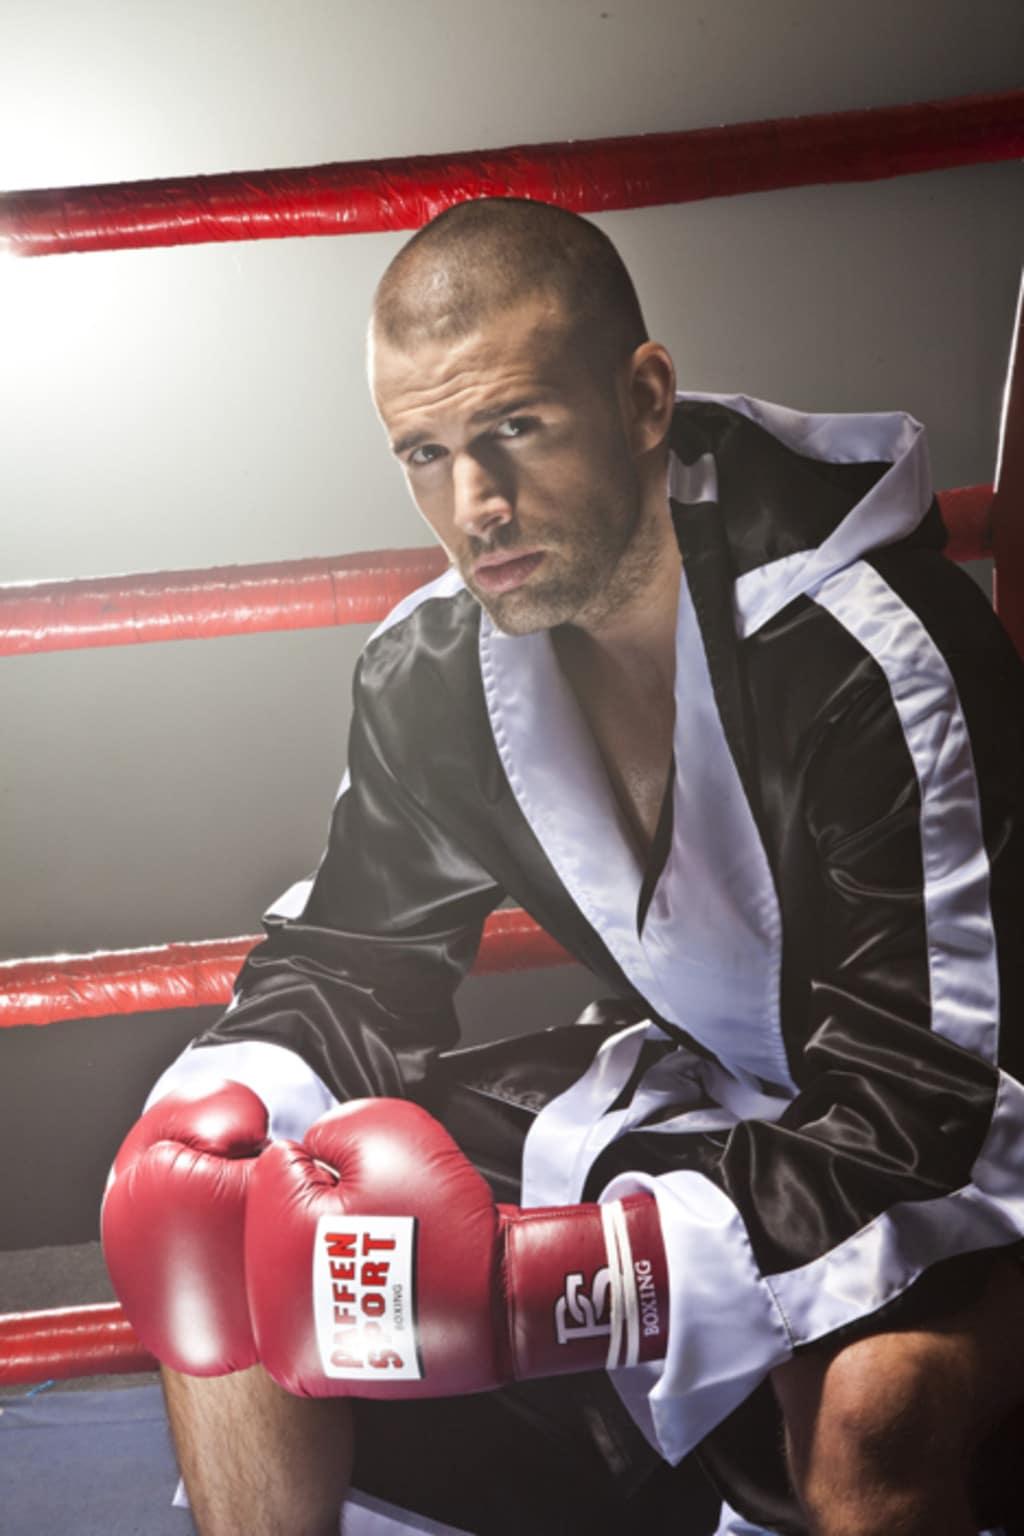 Sänger Jay Khan (Bild) tritt gegen Rockmusiker Martin Kesici in den Ring ...